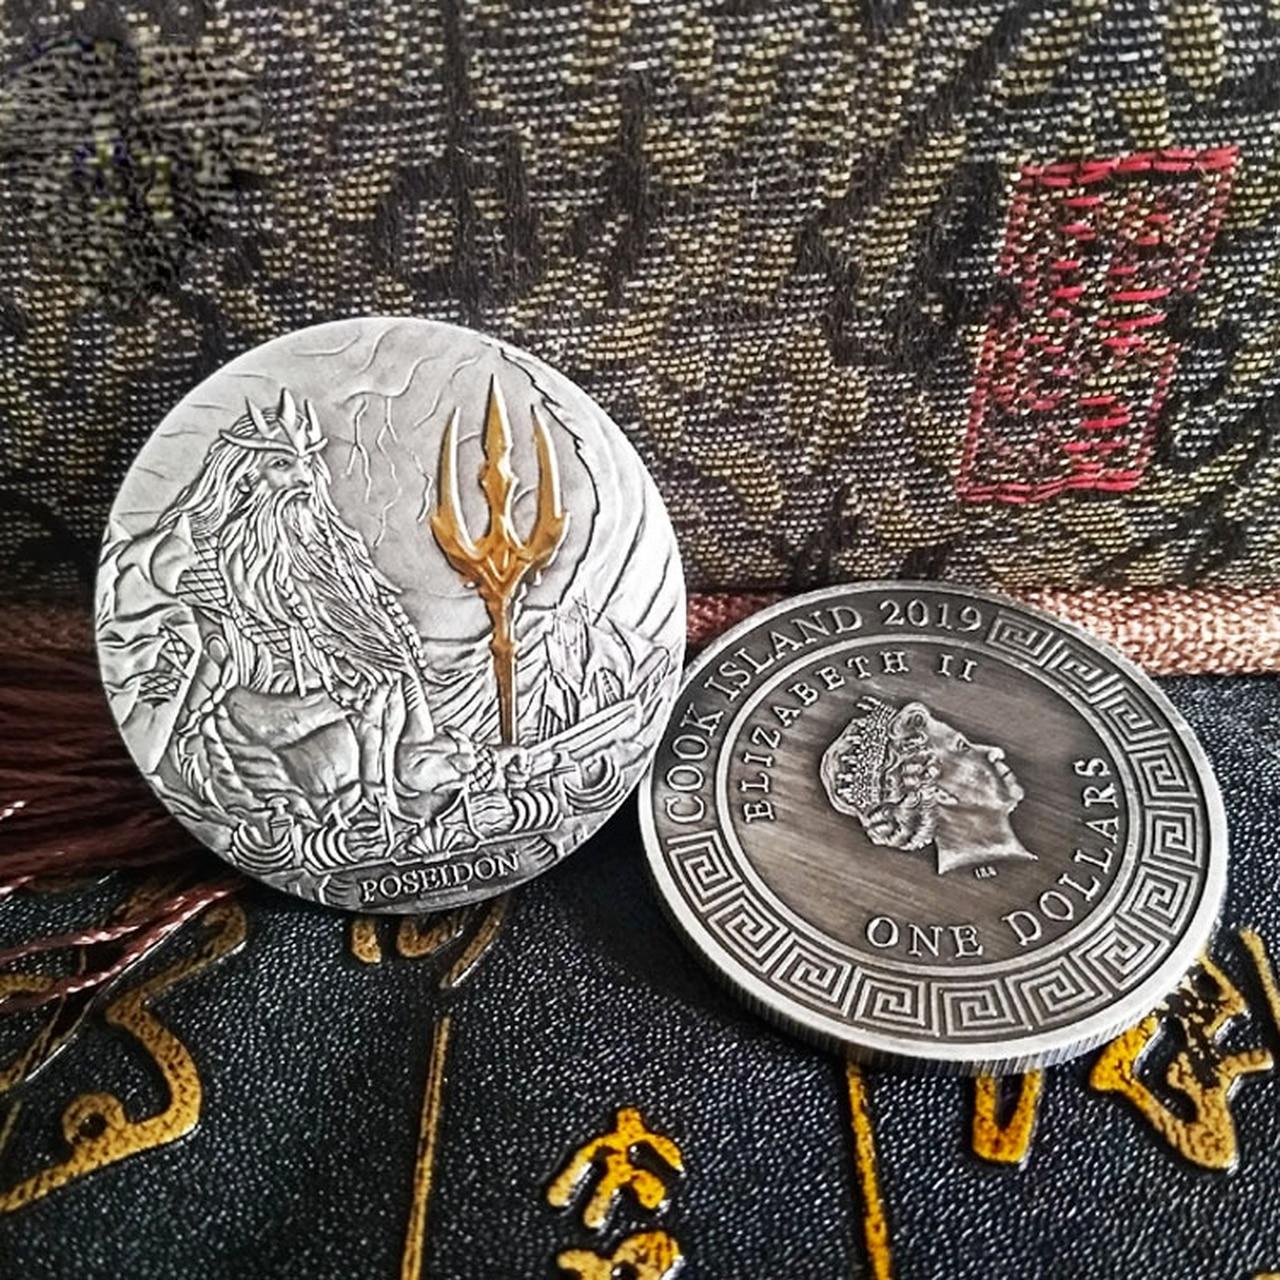 Старинный греческий морской Бог, поидон и Элизабет II, портрет головы, серебряные монеты, памятная монета металлический сувенир туриста Crafts